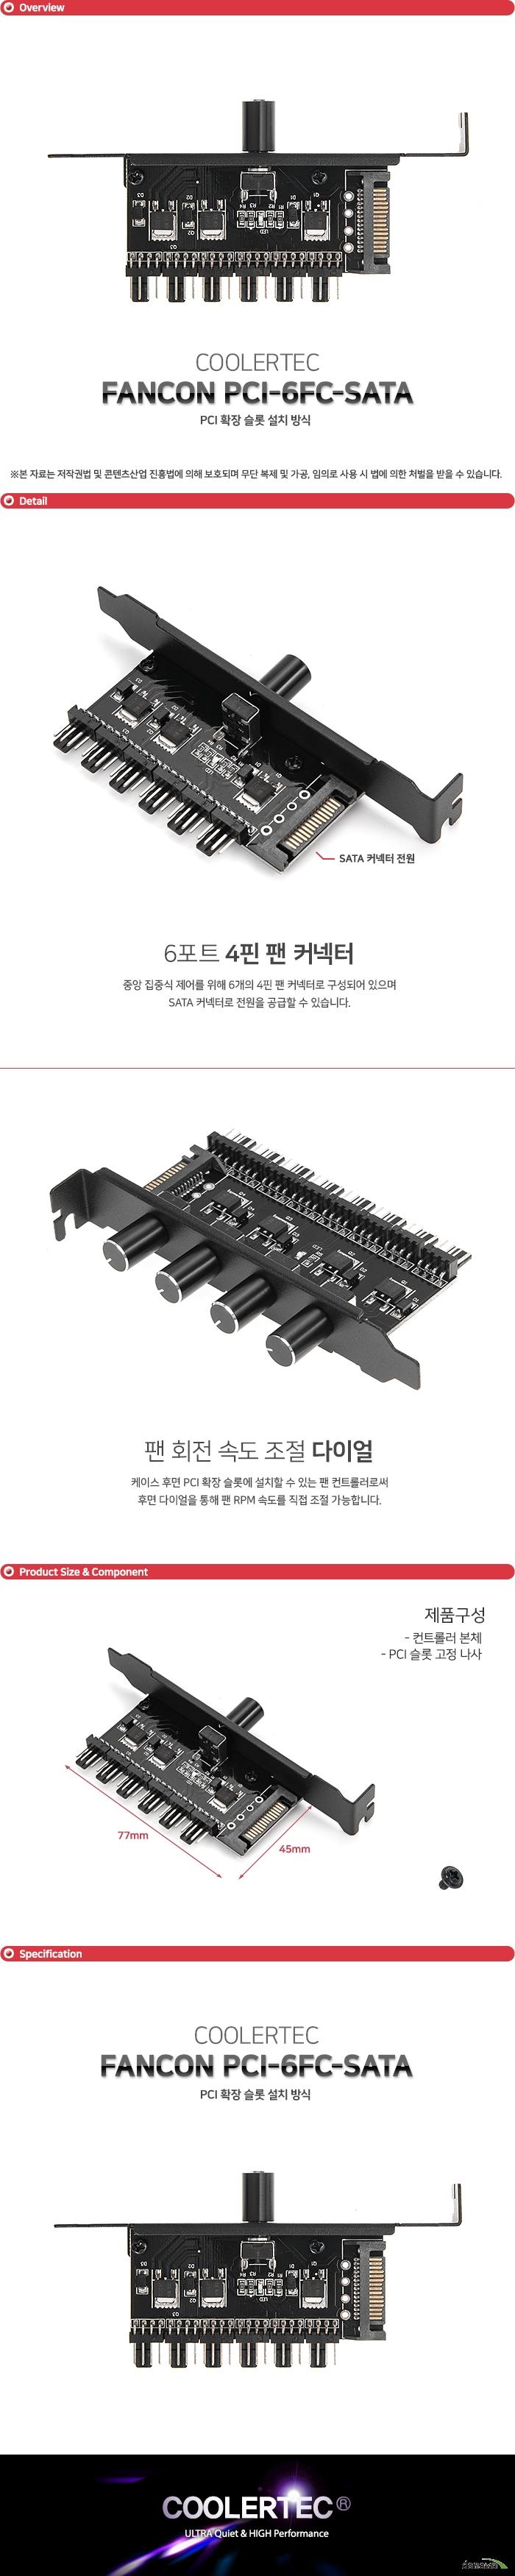 COOLERTEC FANCON PCI-6FC-SATA